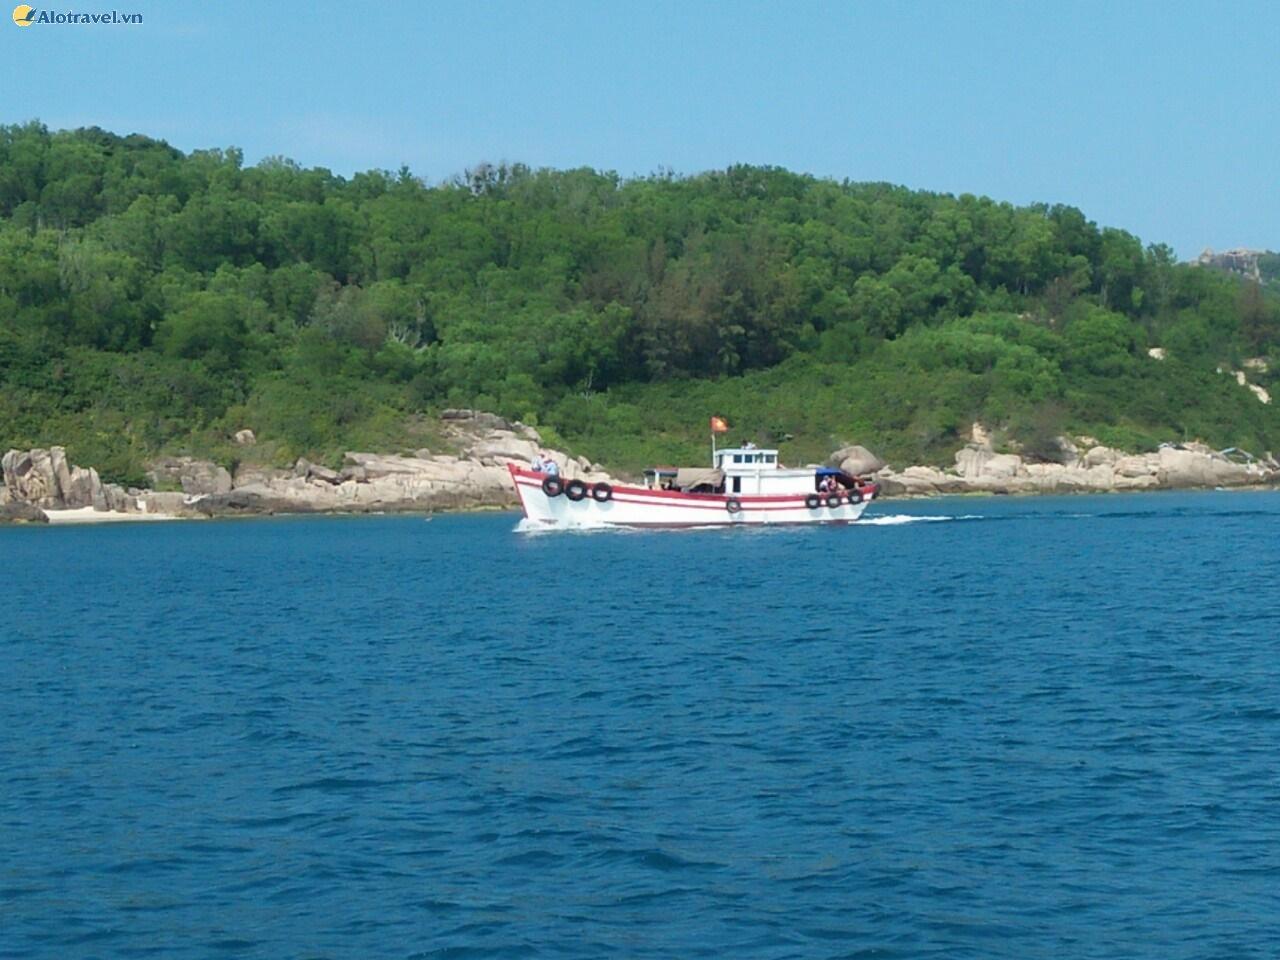 Bến tàu đi Cù Lao Xanh ở đâu?